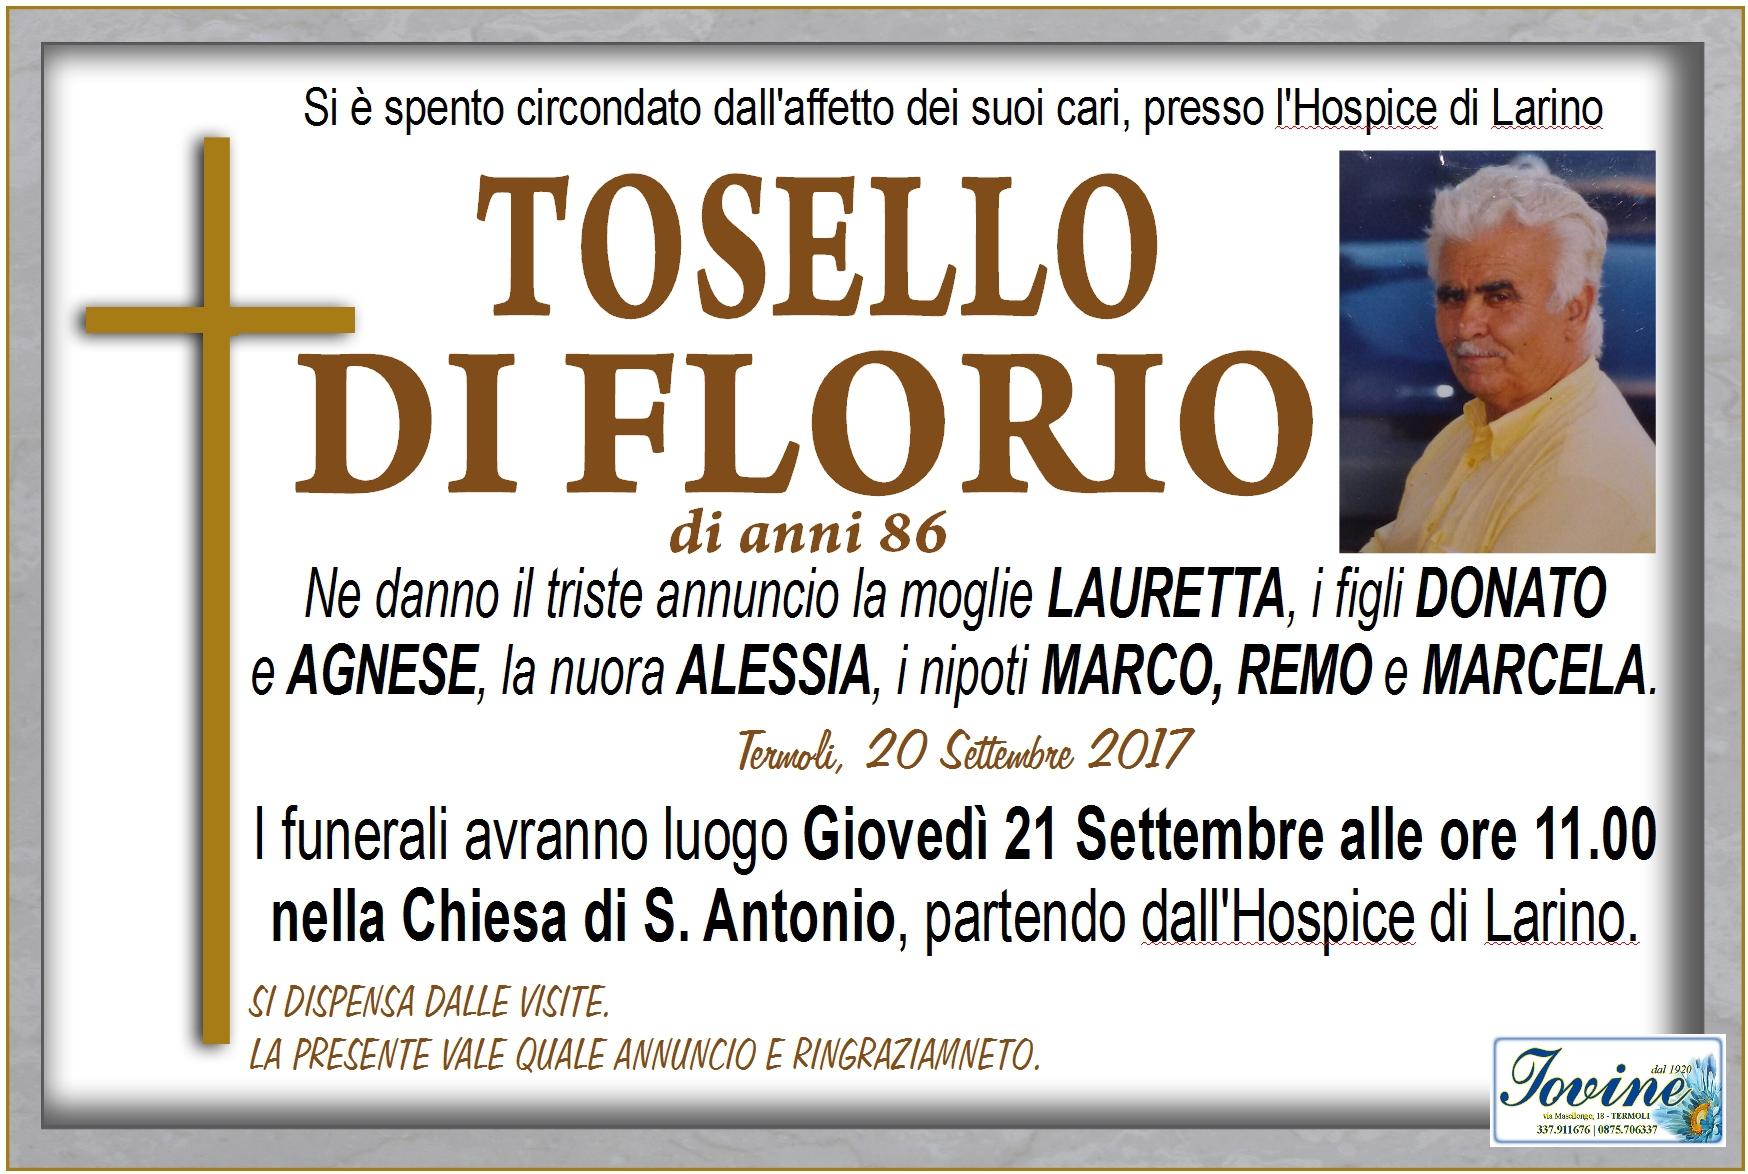 Tosello Di Florio – 20/09/2017 – Termoli – Onoranze Funebri Jovine